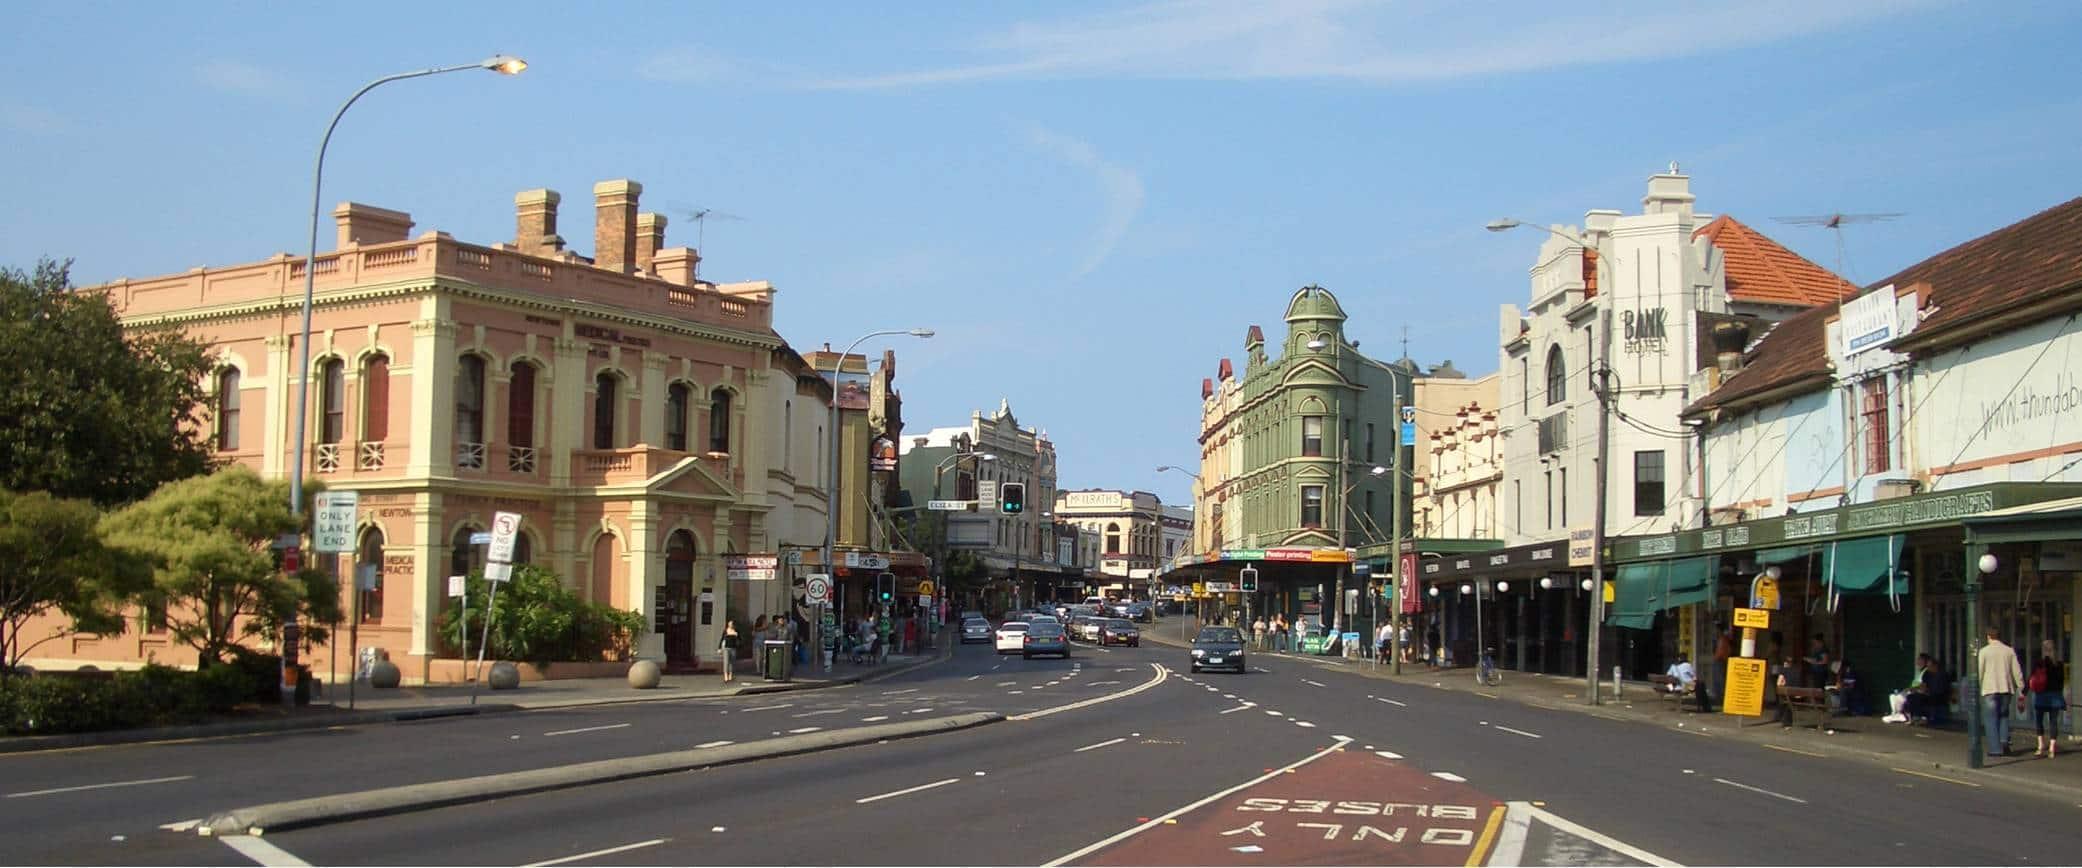 Newtown NSW